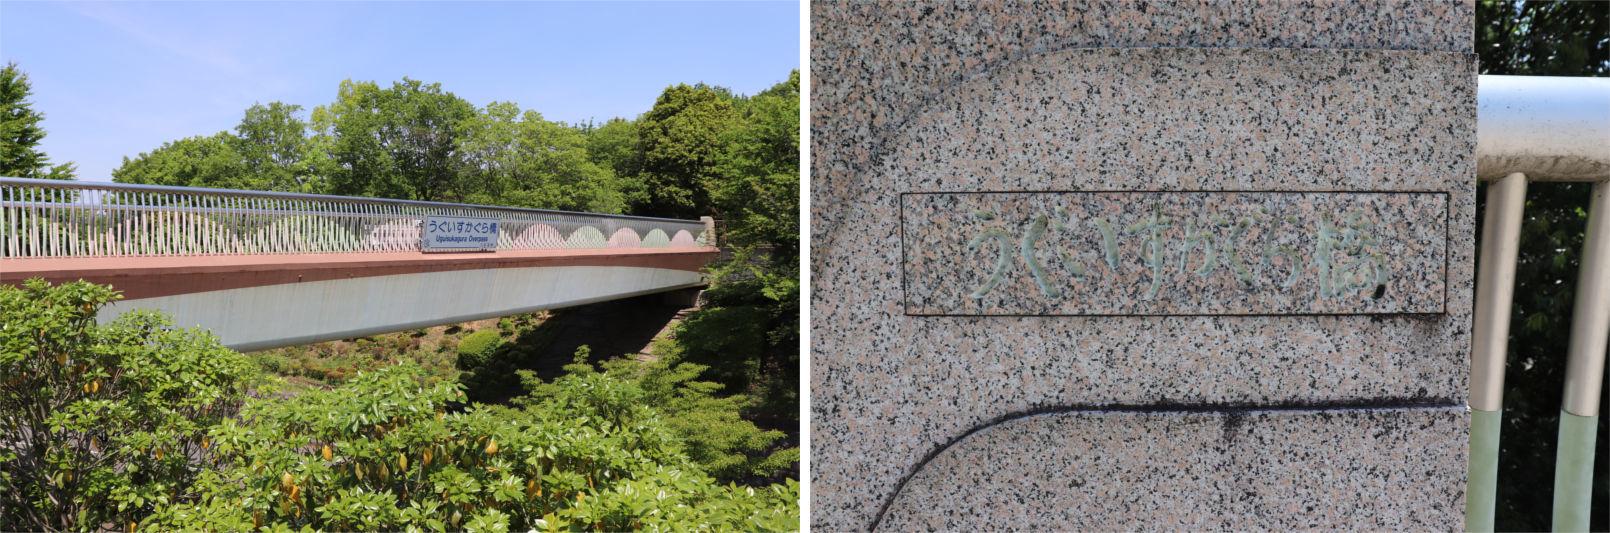 [多摩NTの橋ぜんぶ撮影PJ] No.36~40 上柚木公園周辺の橋_a0332275_01103075.jpg